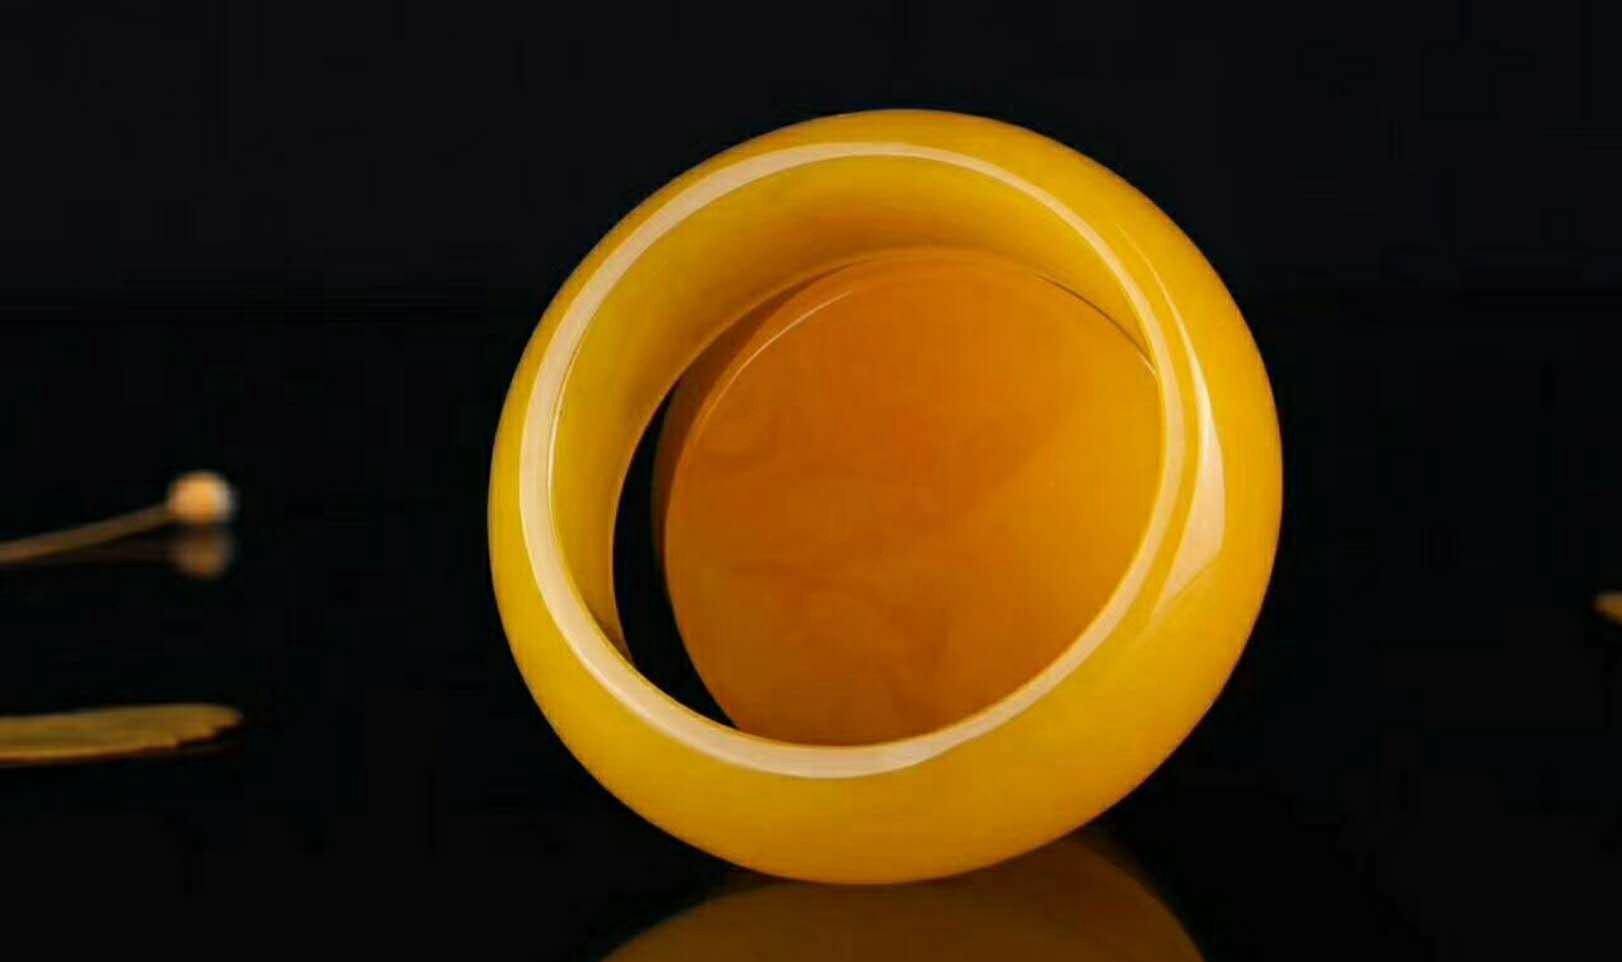 蜜蜡银手镯和戒指图片及价格